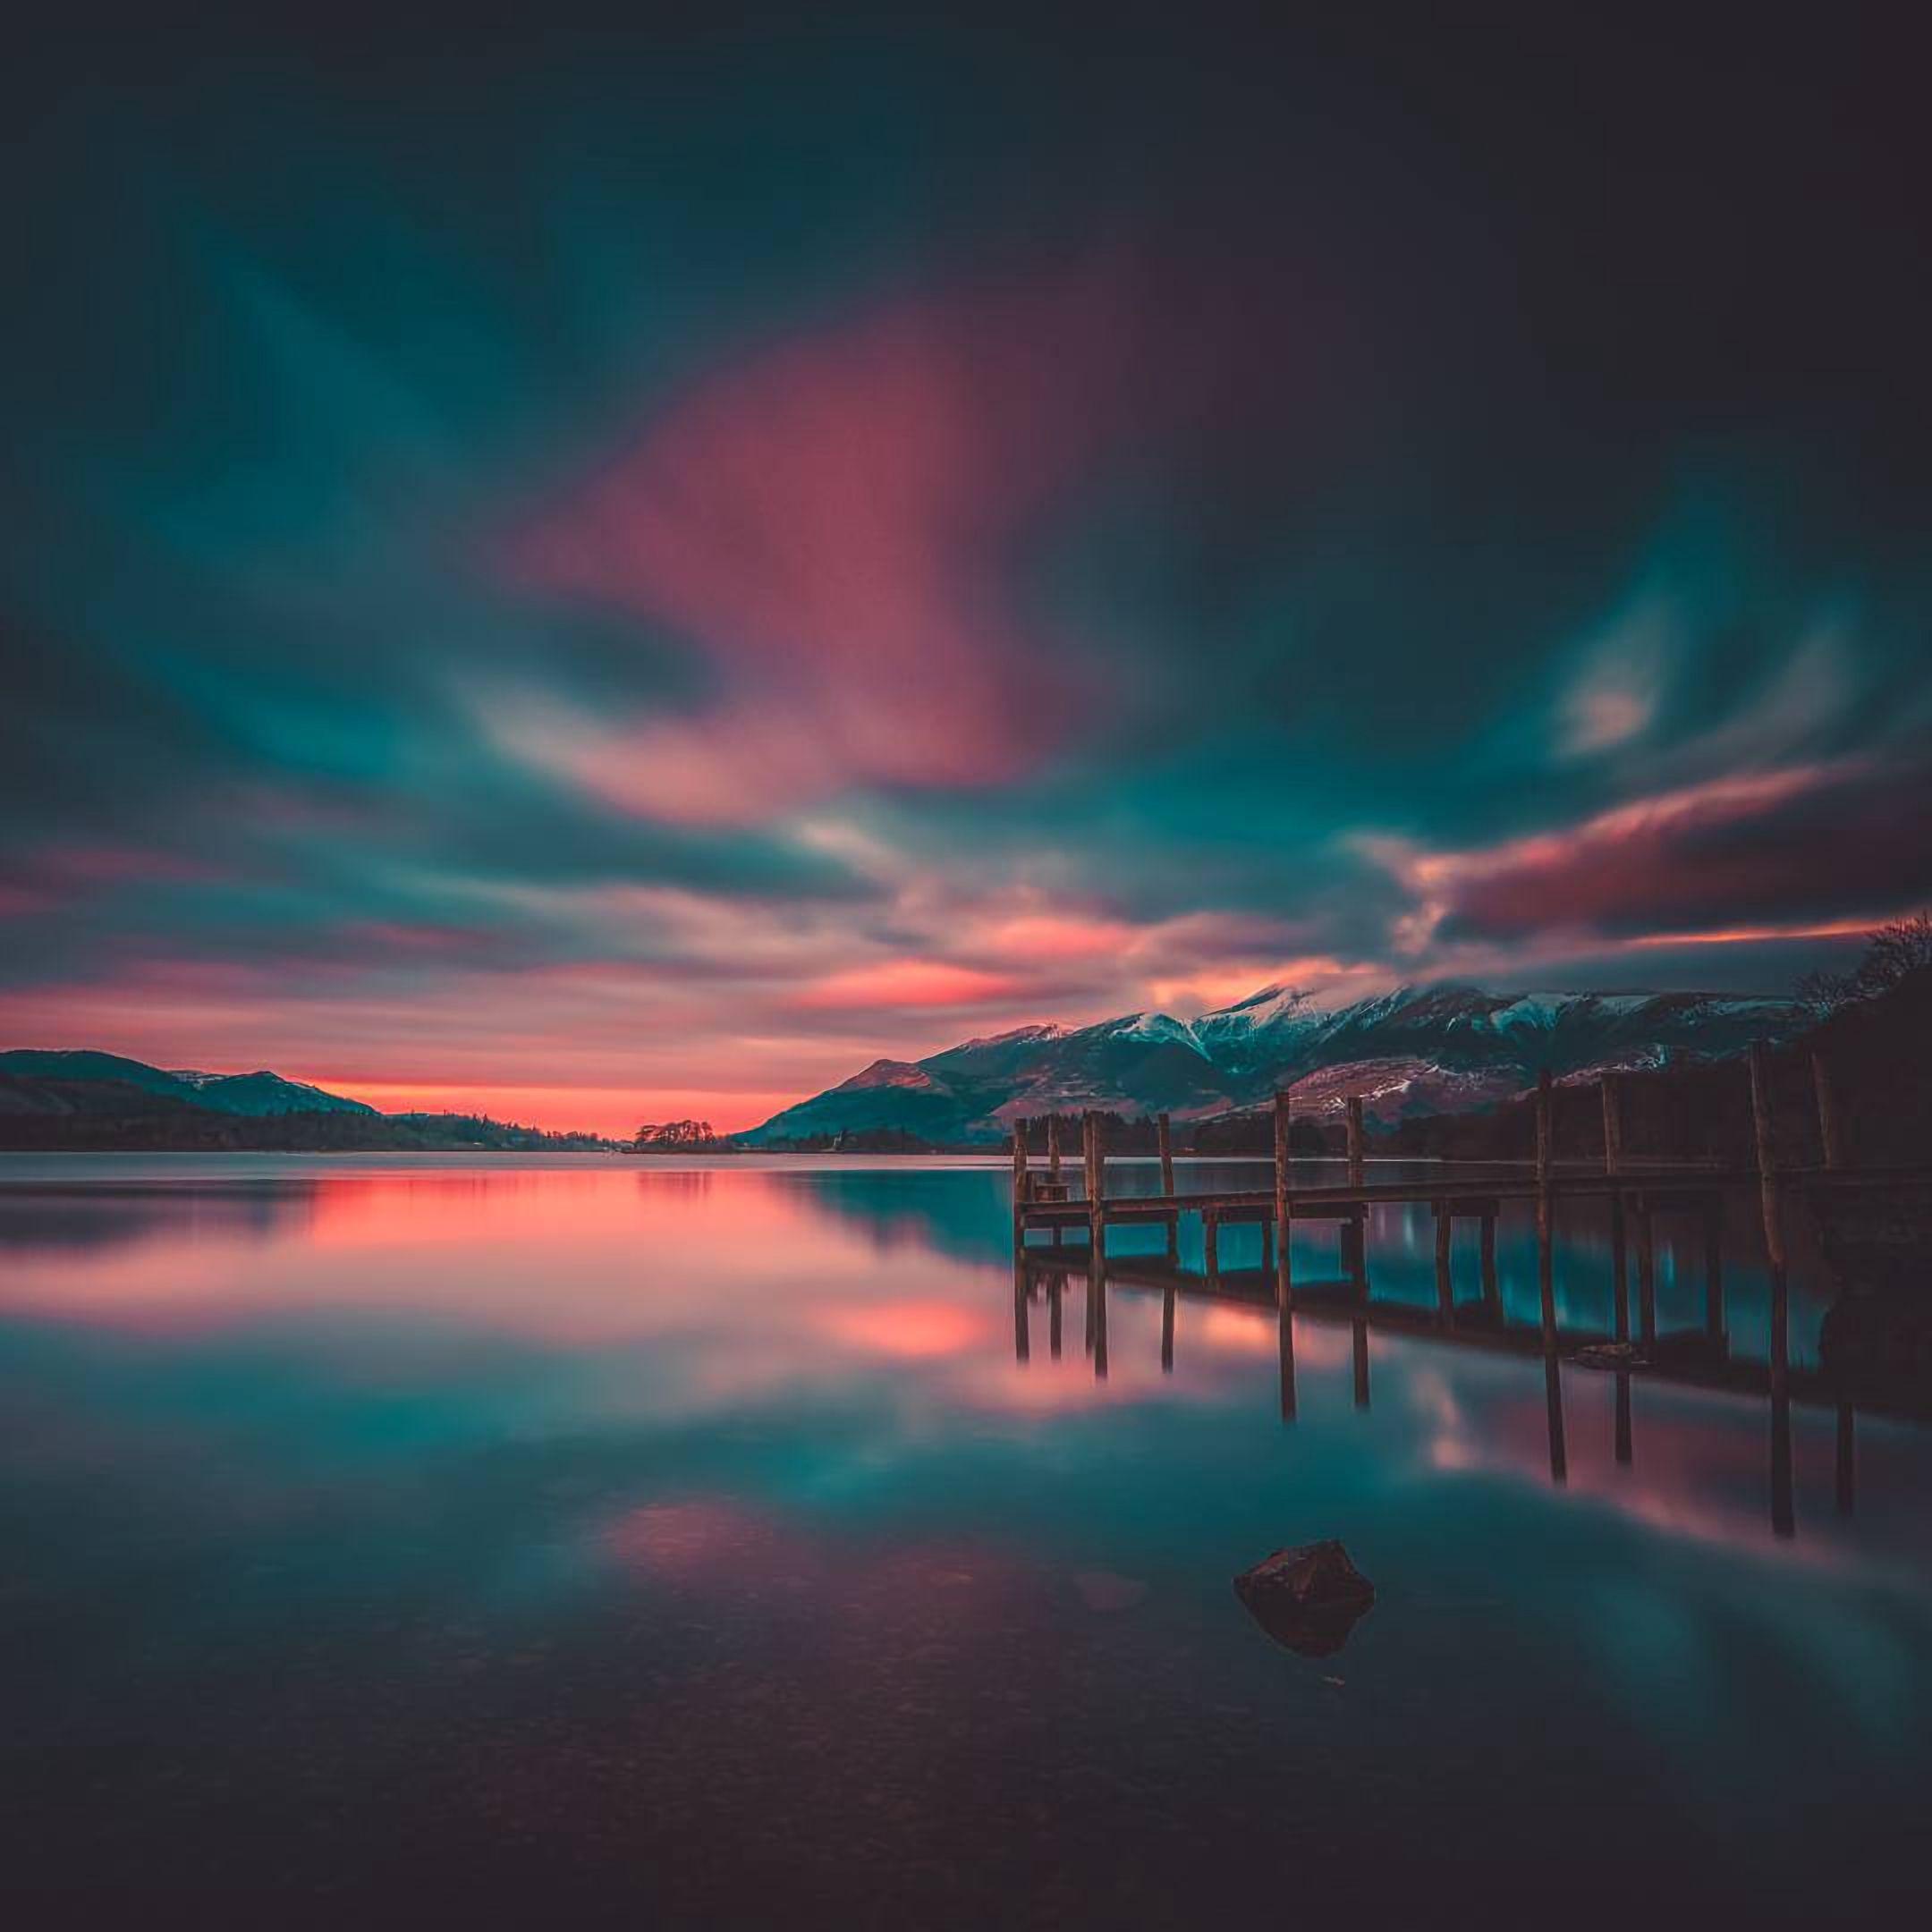 105799 Заставки и Обои Озеро на телефон. Скачать Озеро, Фотошоп, Природа, Закат, Горы, Пирс картинки бесплатно